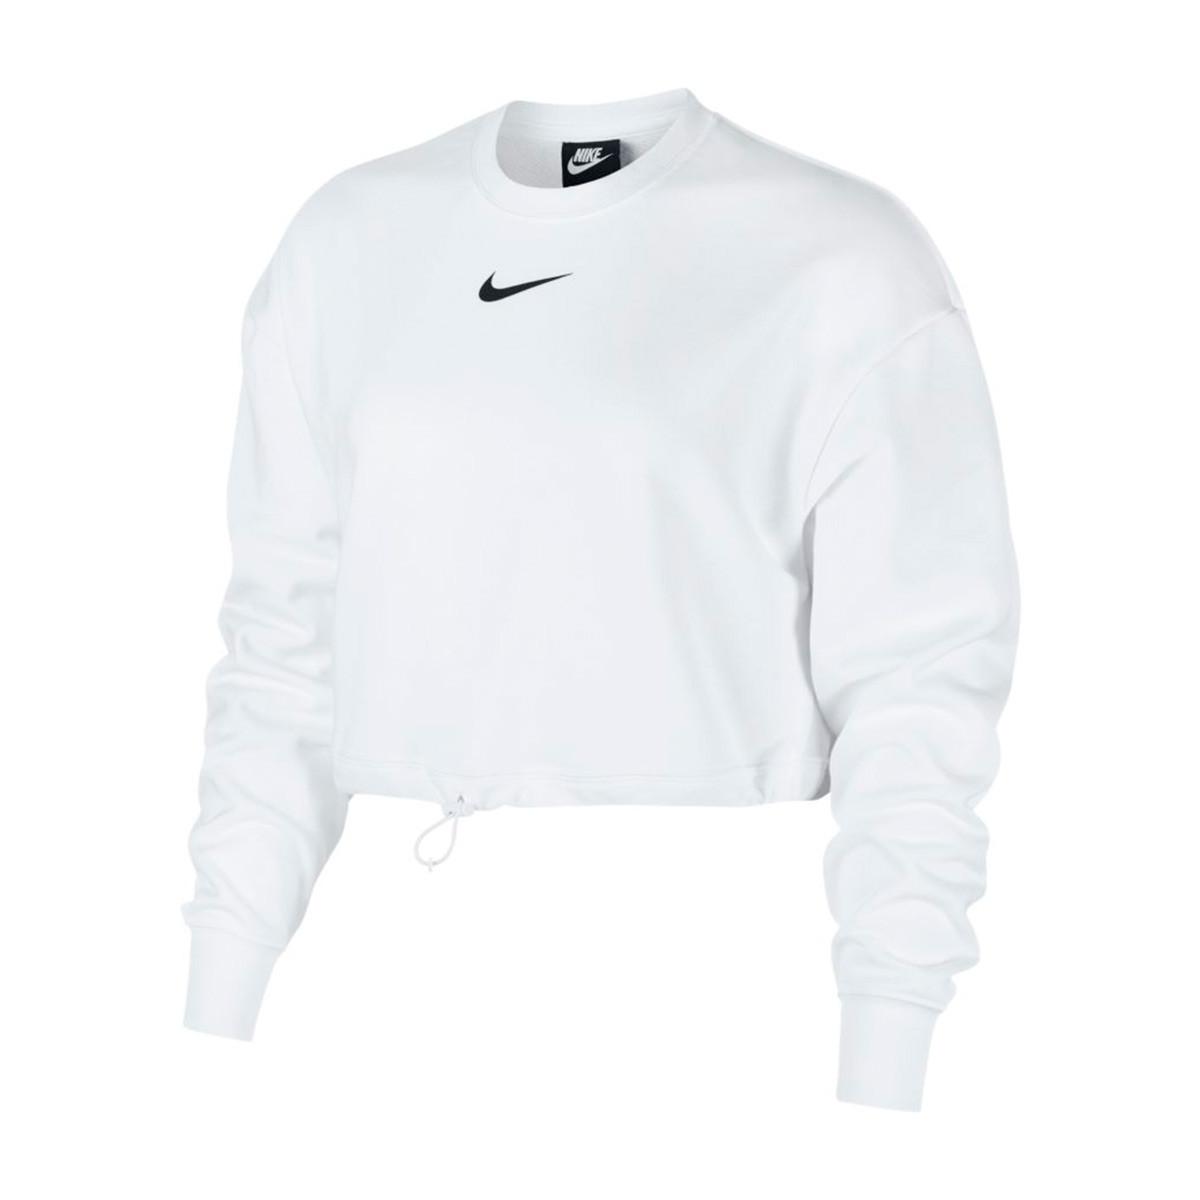 Sweatshirt Nike Woman NSW Swoosh Crew